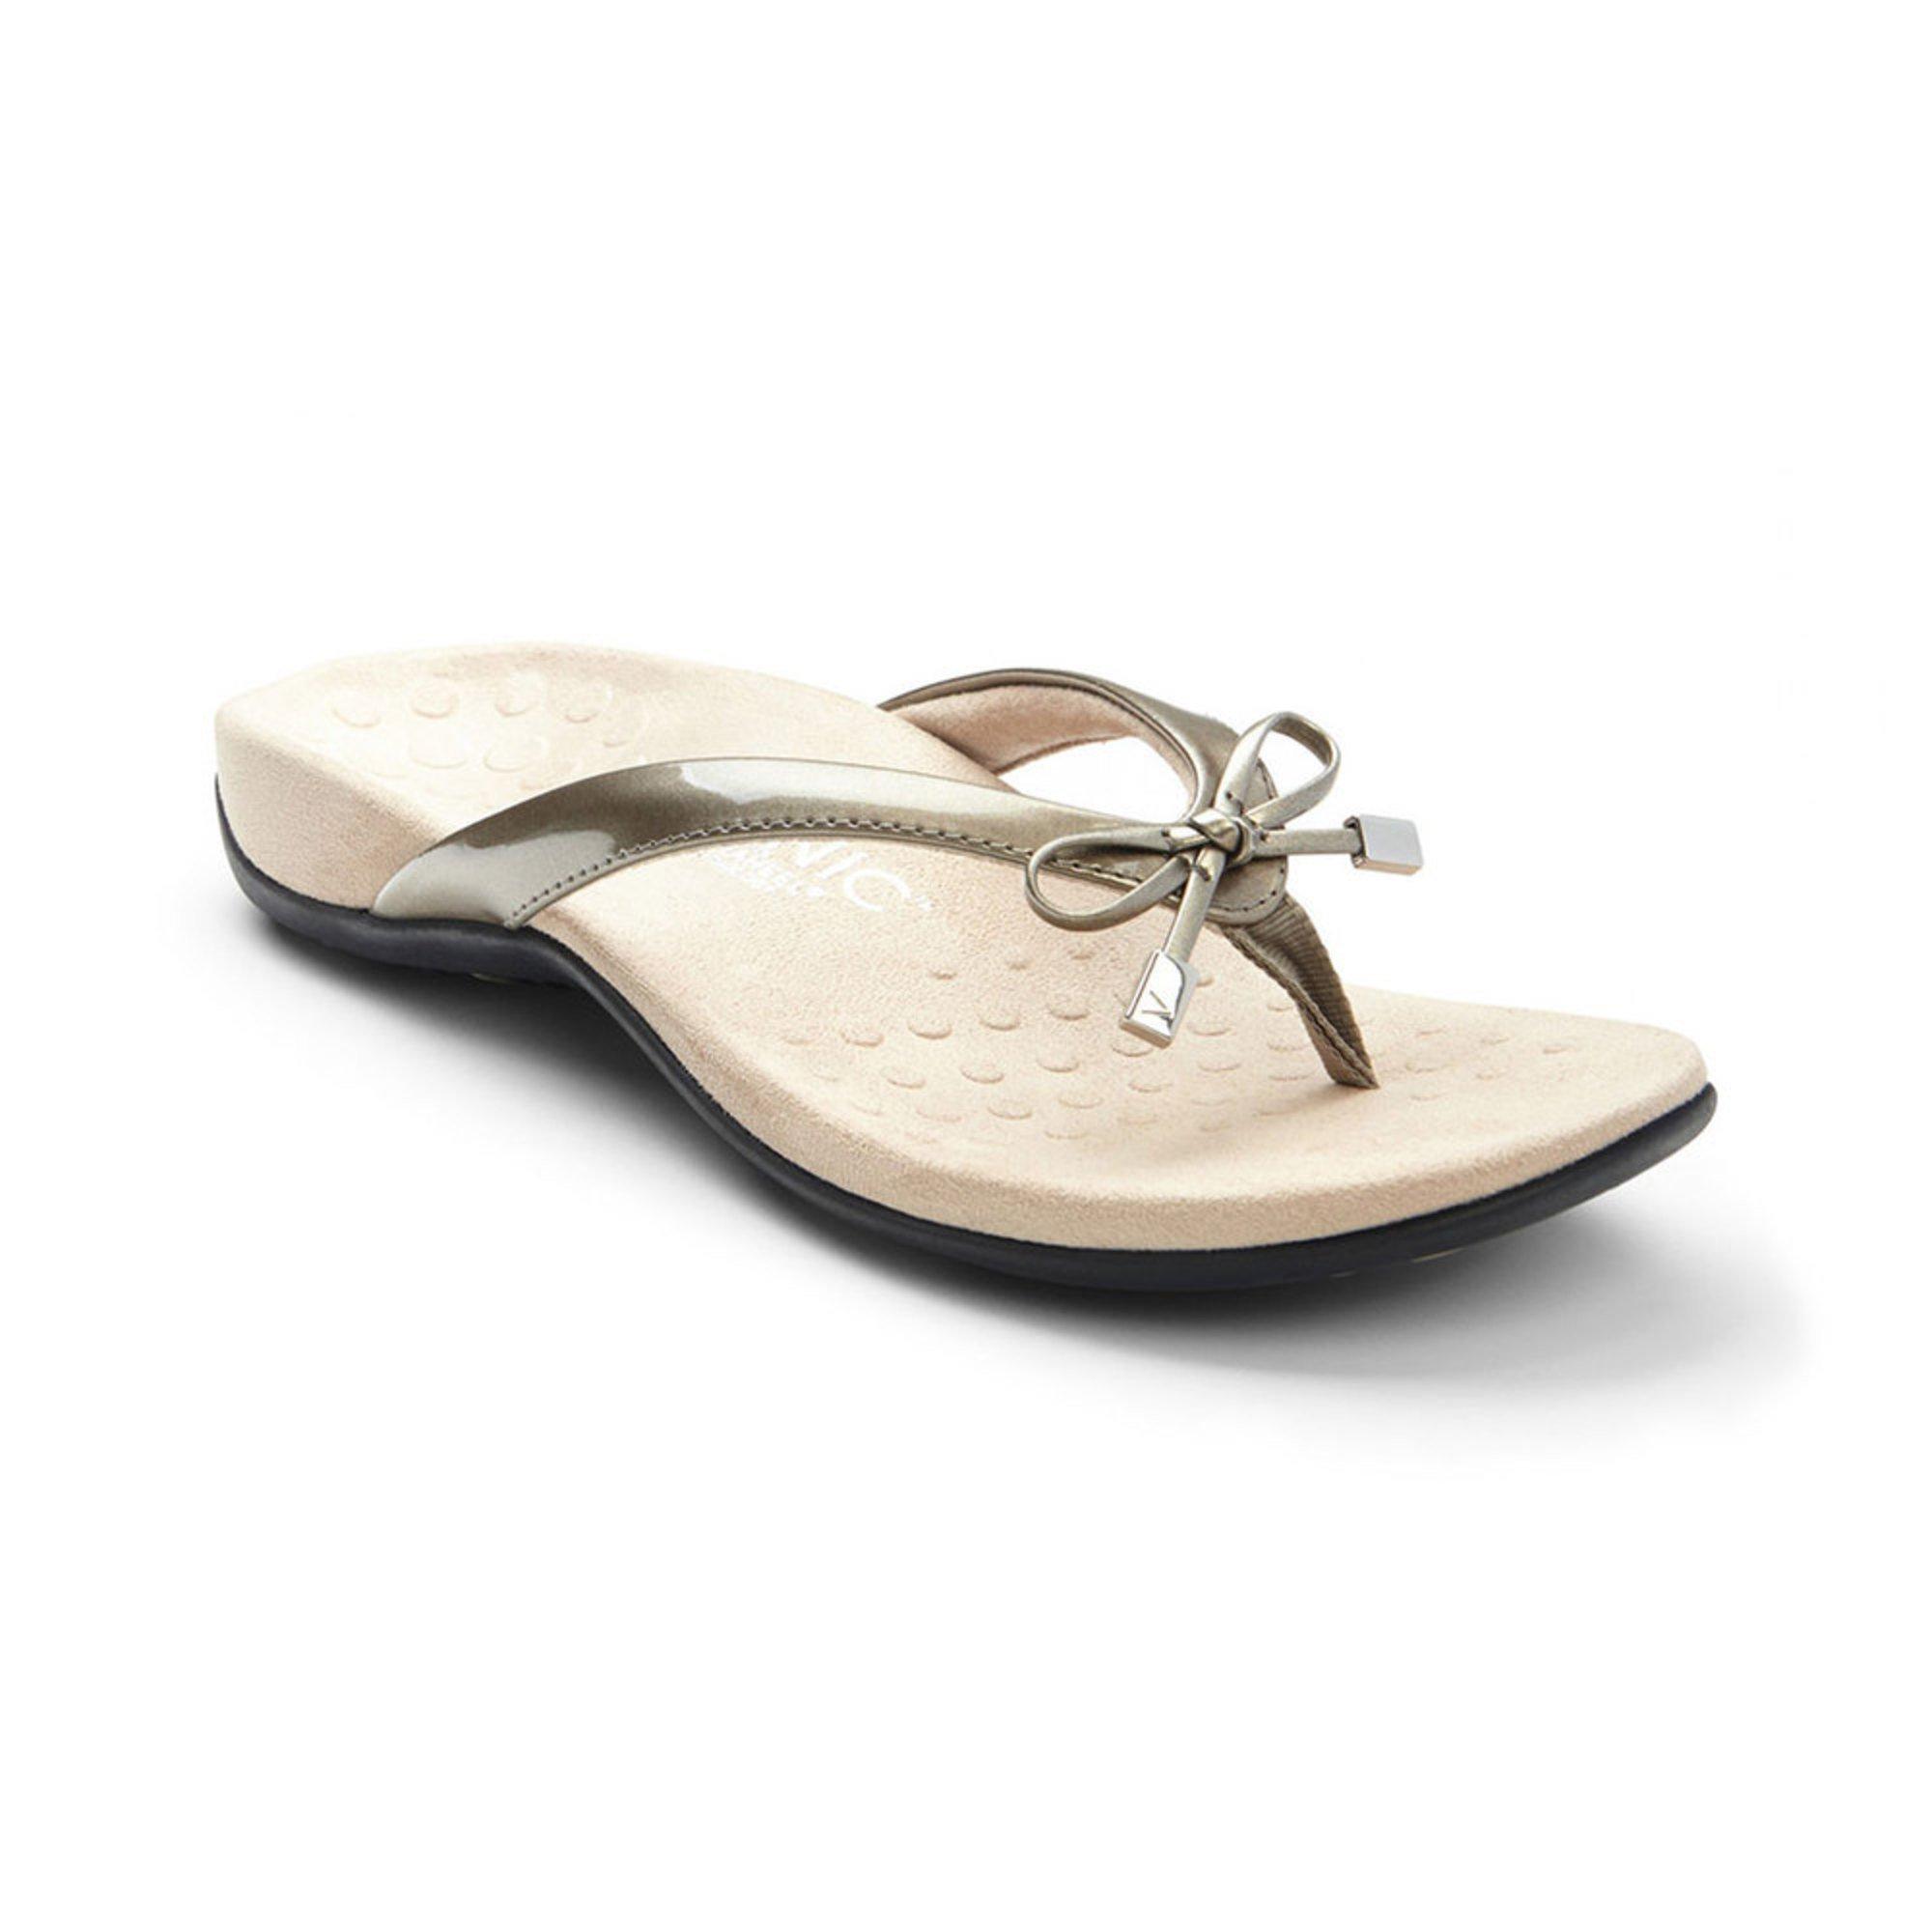 ec266078dd08 Vionic. Vionic Bella II Women s Thong Sandal Pewter